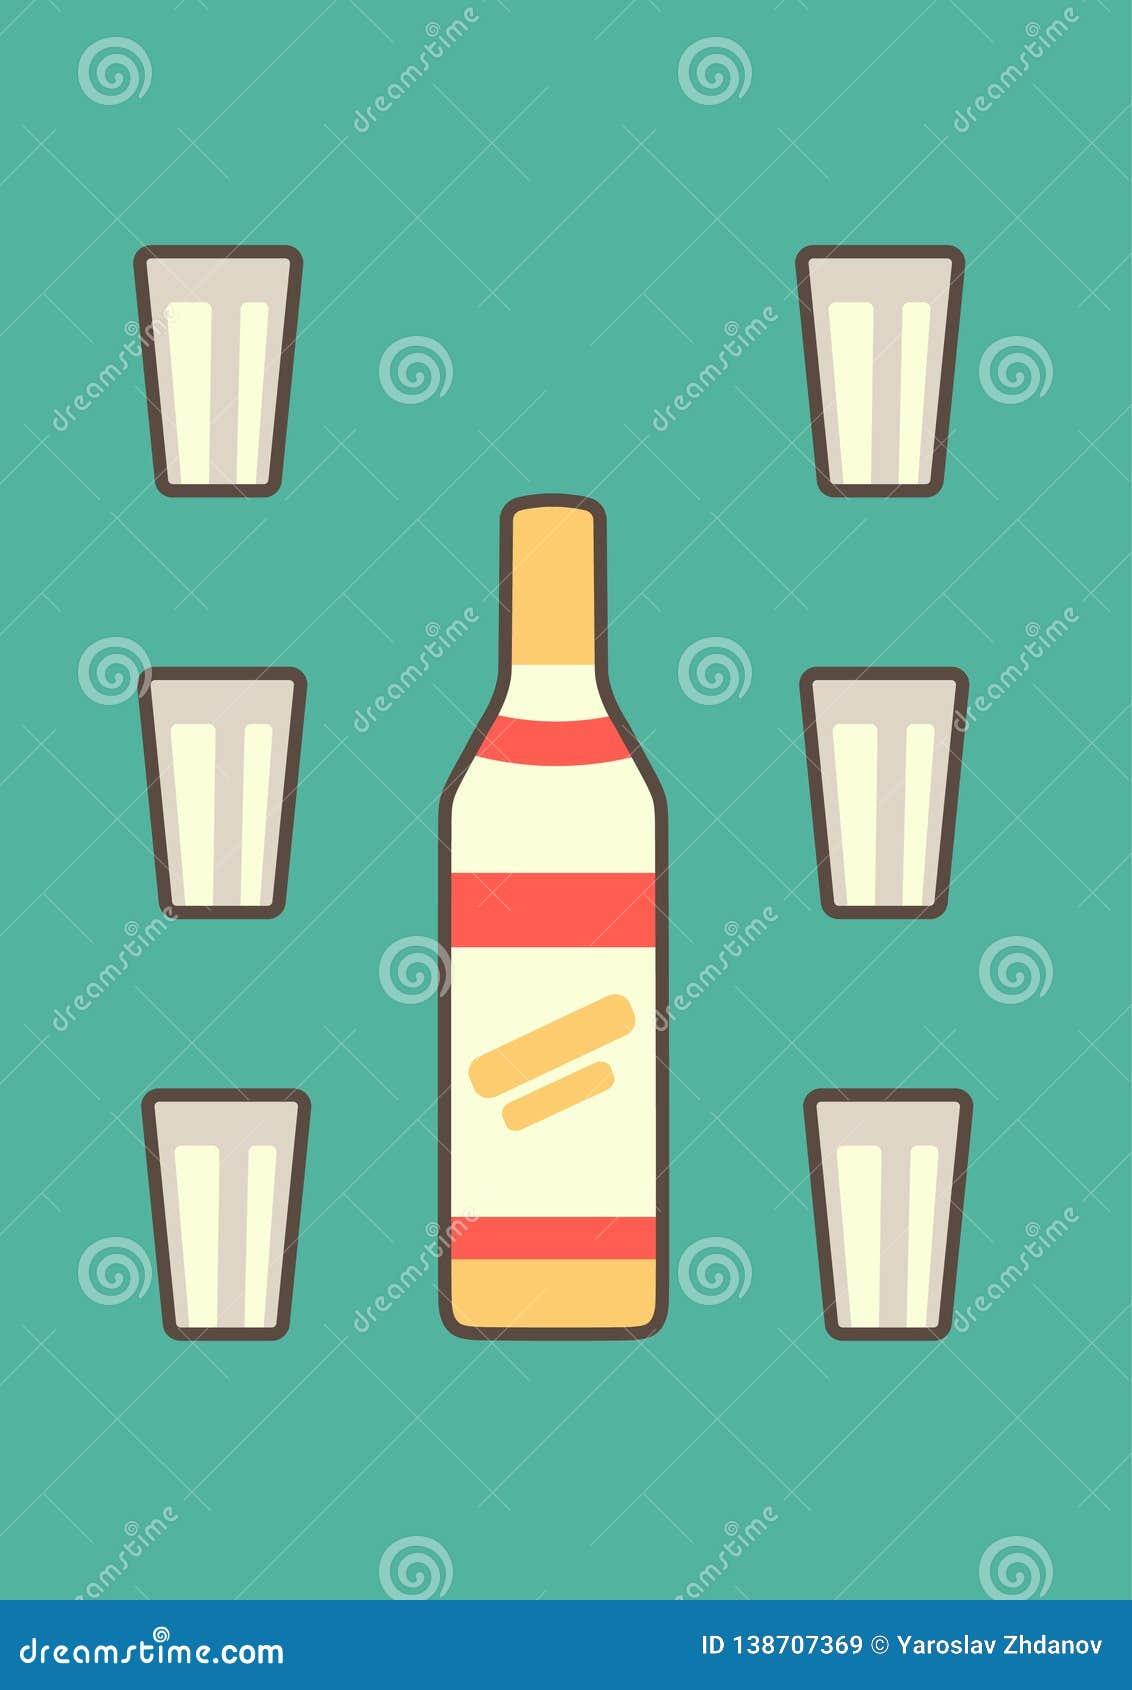 用在青蓝色背景向量图形的雕琢平面的玻璃装饰的经典俄国伏特加酒瓶在平的样式